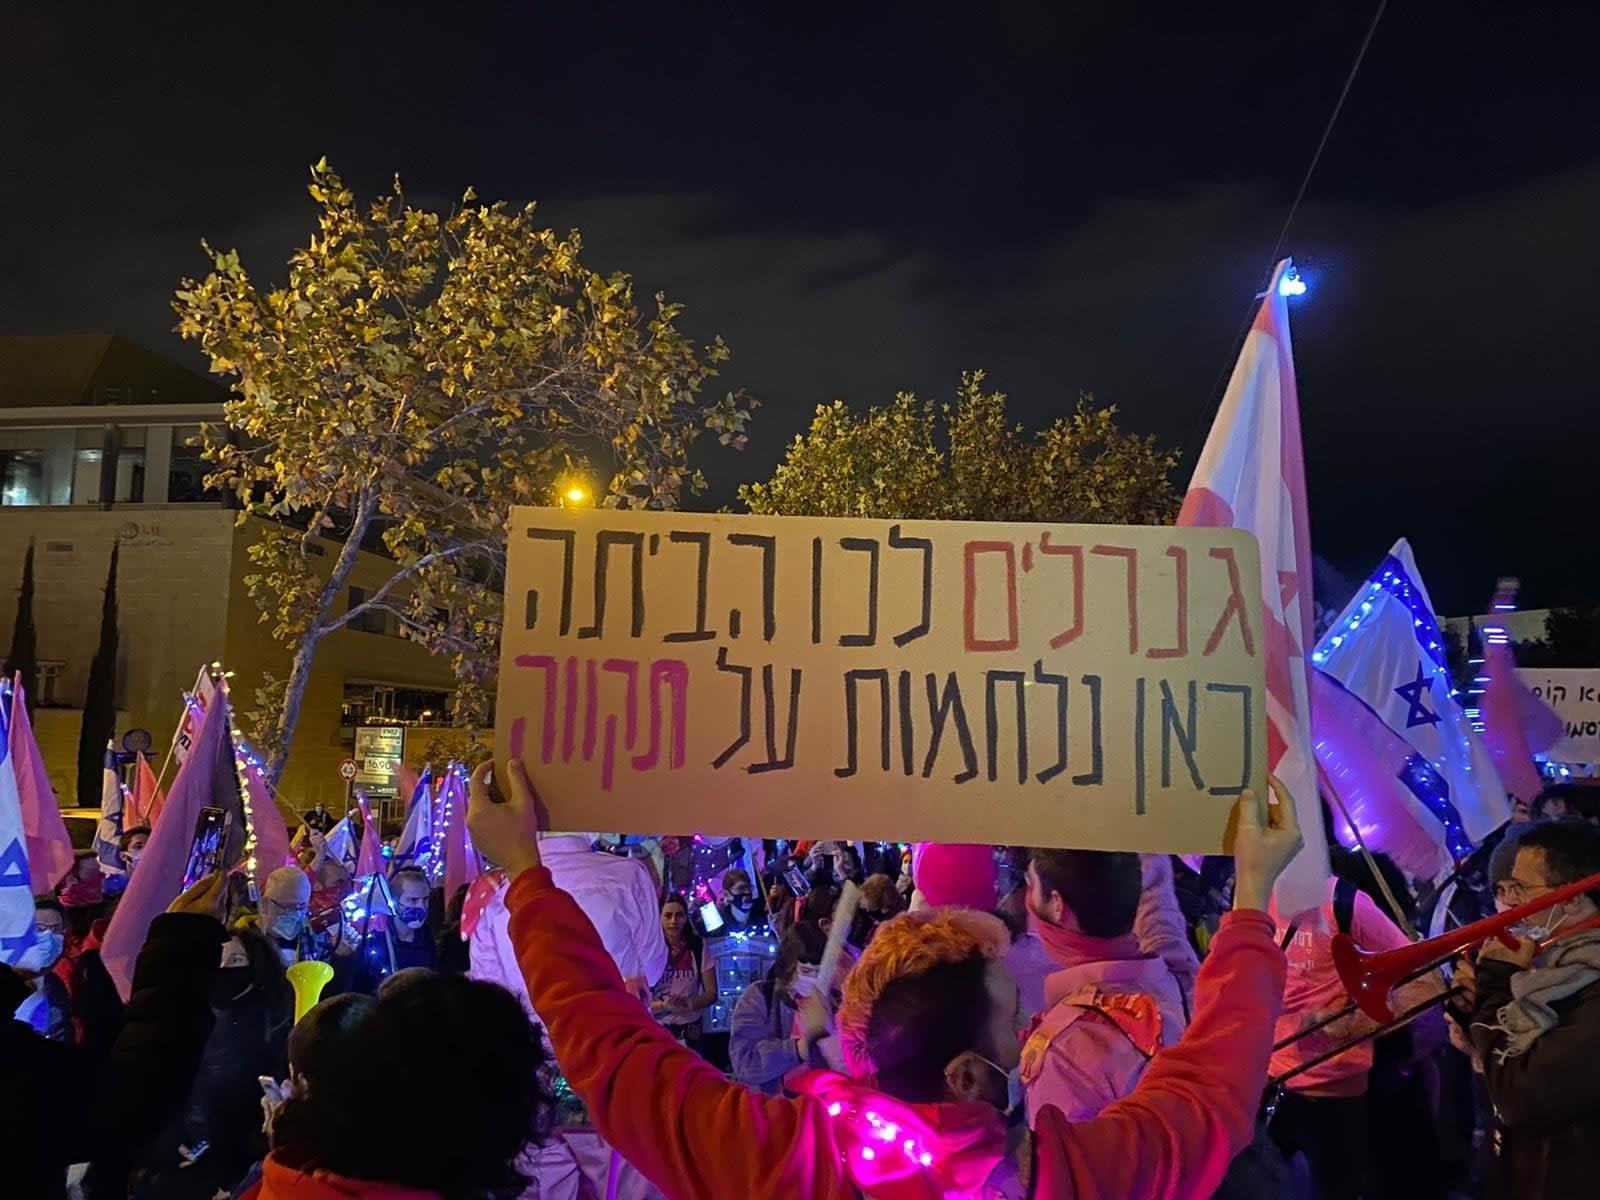 המפגינים בחניון הלאום יוצאים לכיוון בלפור / צילום: קומי ישראל